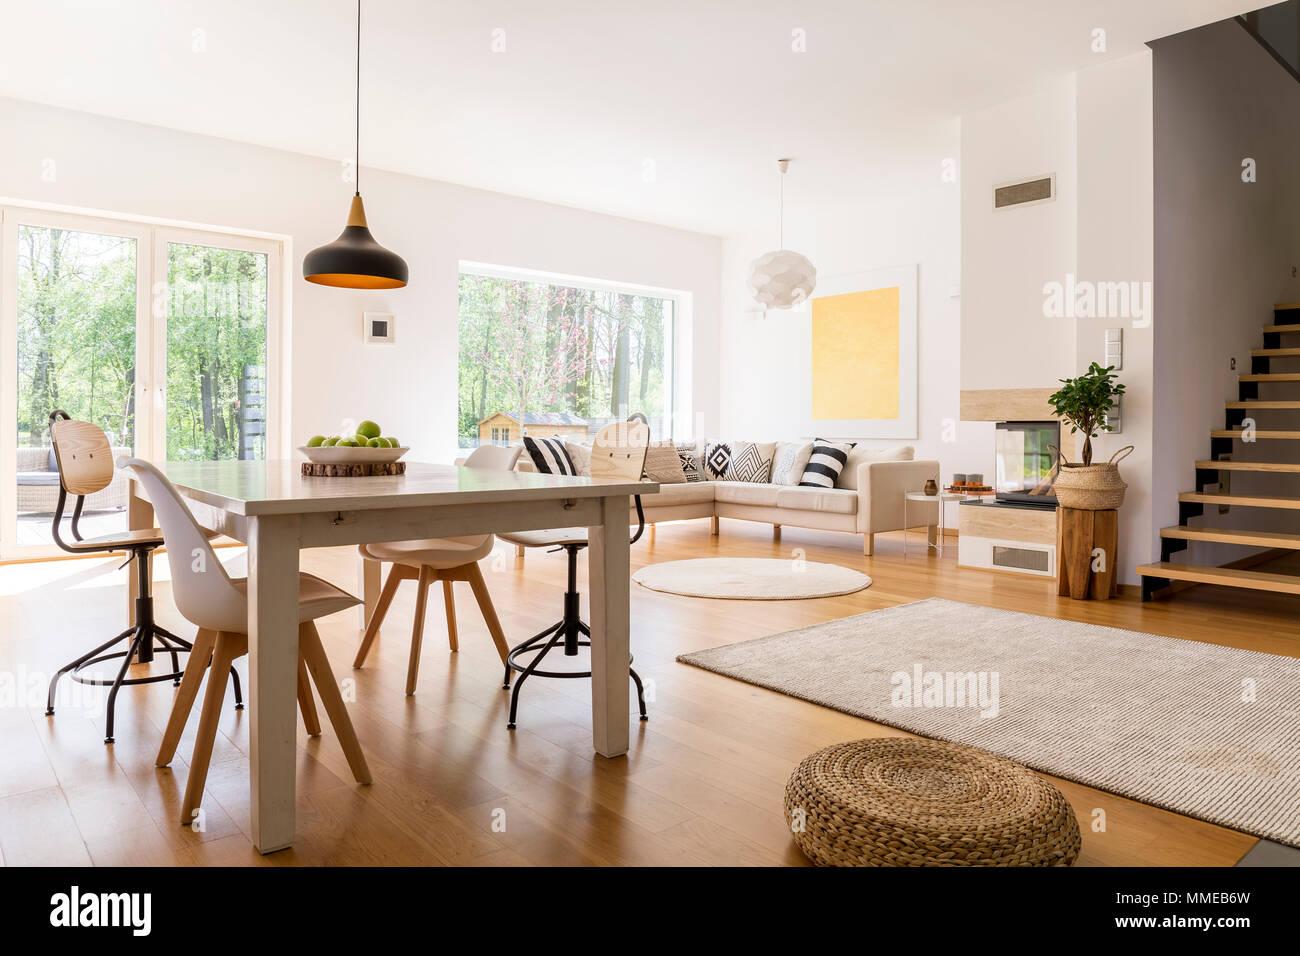 Holz Weissen Esstisch In Modern Gestaltetes Wohnzimmer